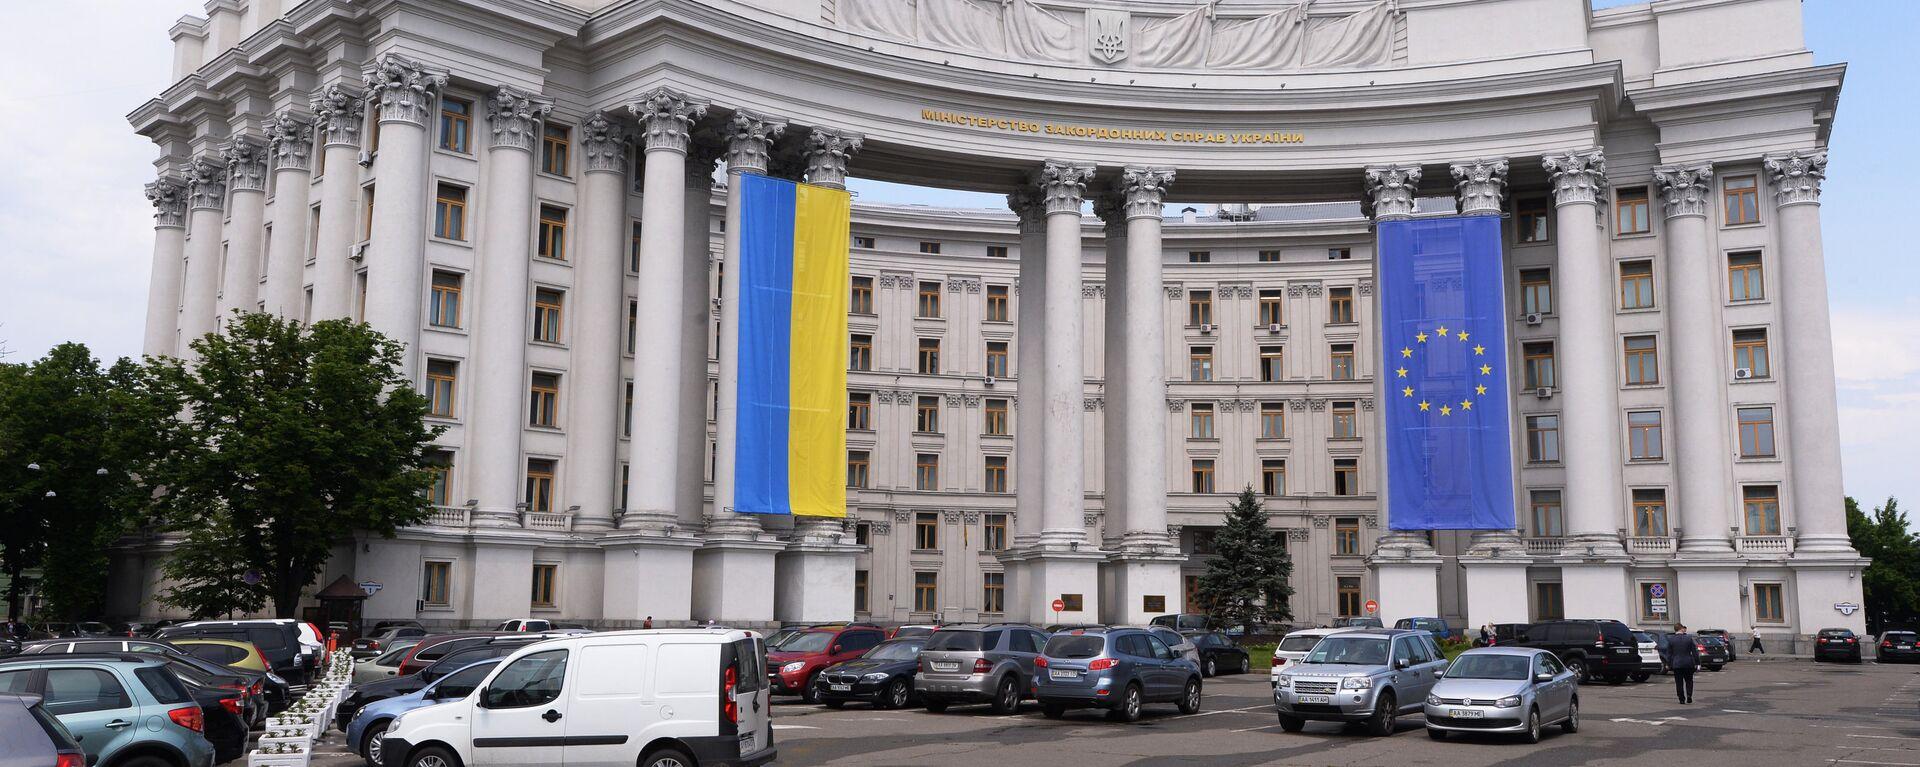 Здание МИДа Украины - Sputnik Грузия, 1920, 06.10.2021